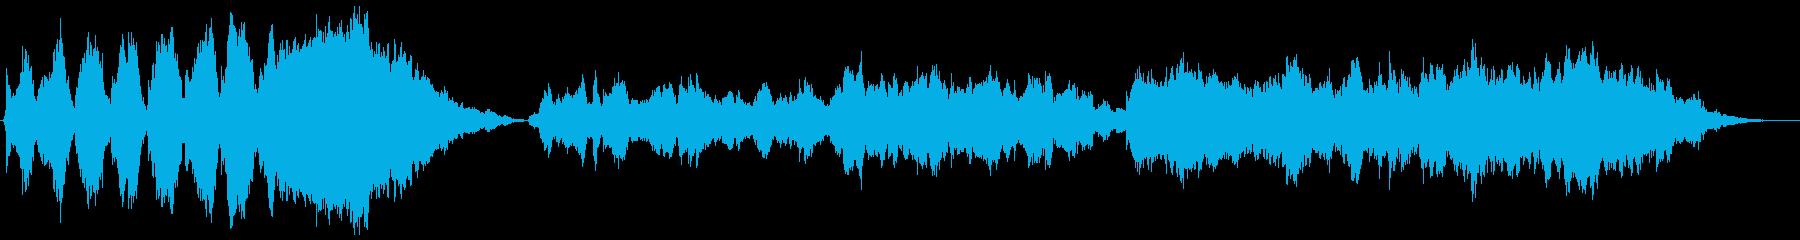 厳かなオーケストラの再生済みの波形